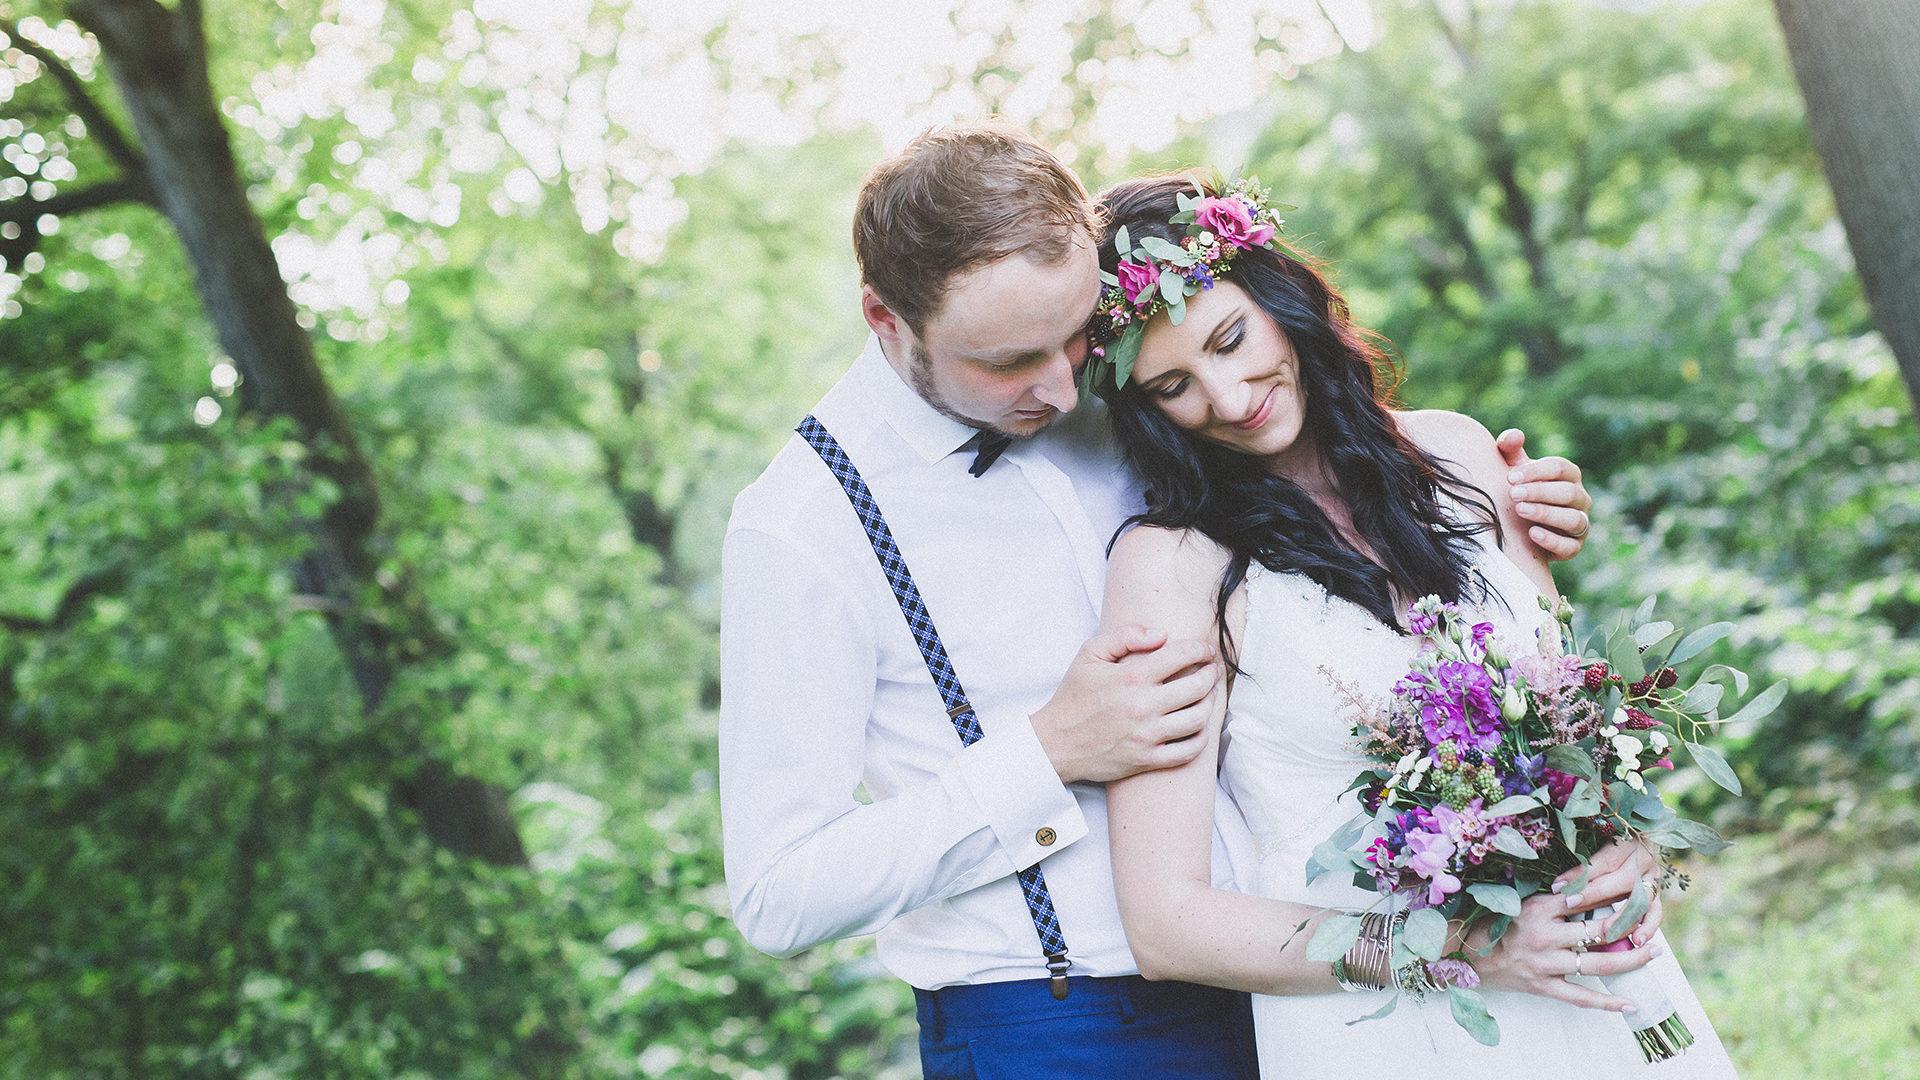 maren tobis hochzeitsfotograf hochzeitsfotografie vintage boho natürliche Hochzeitsbilder